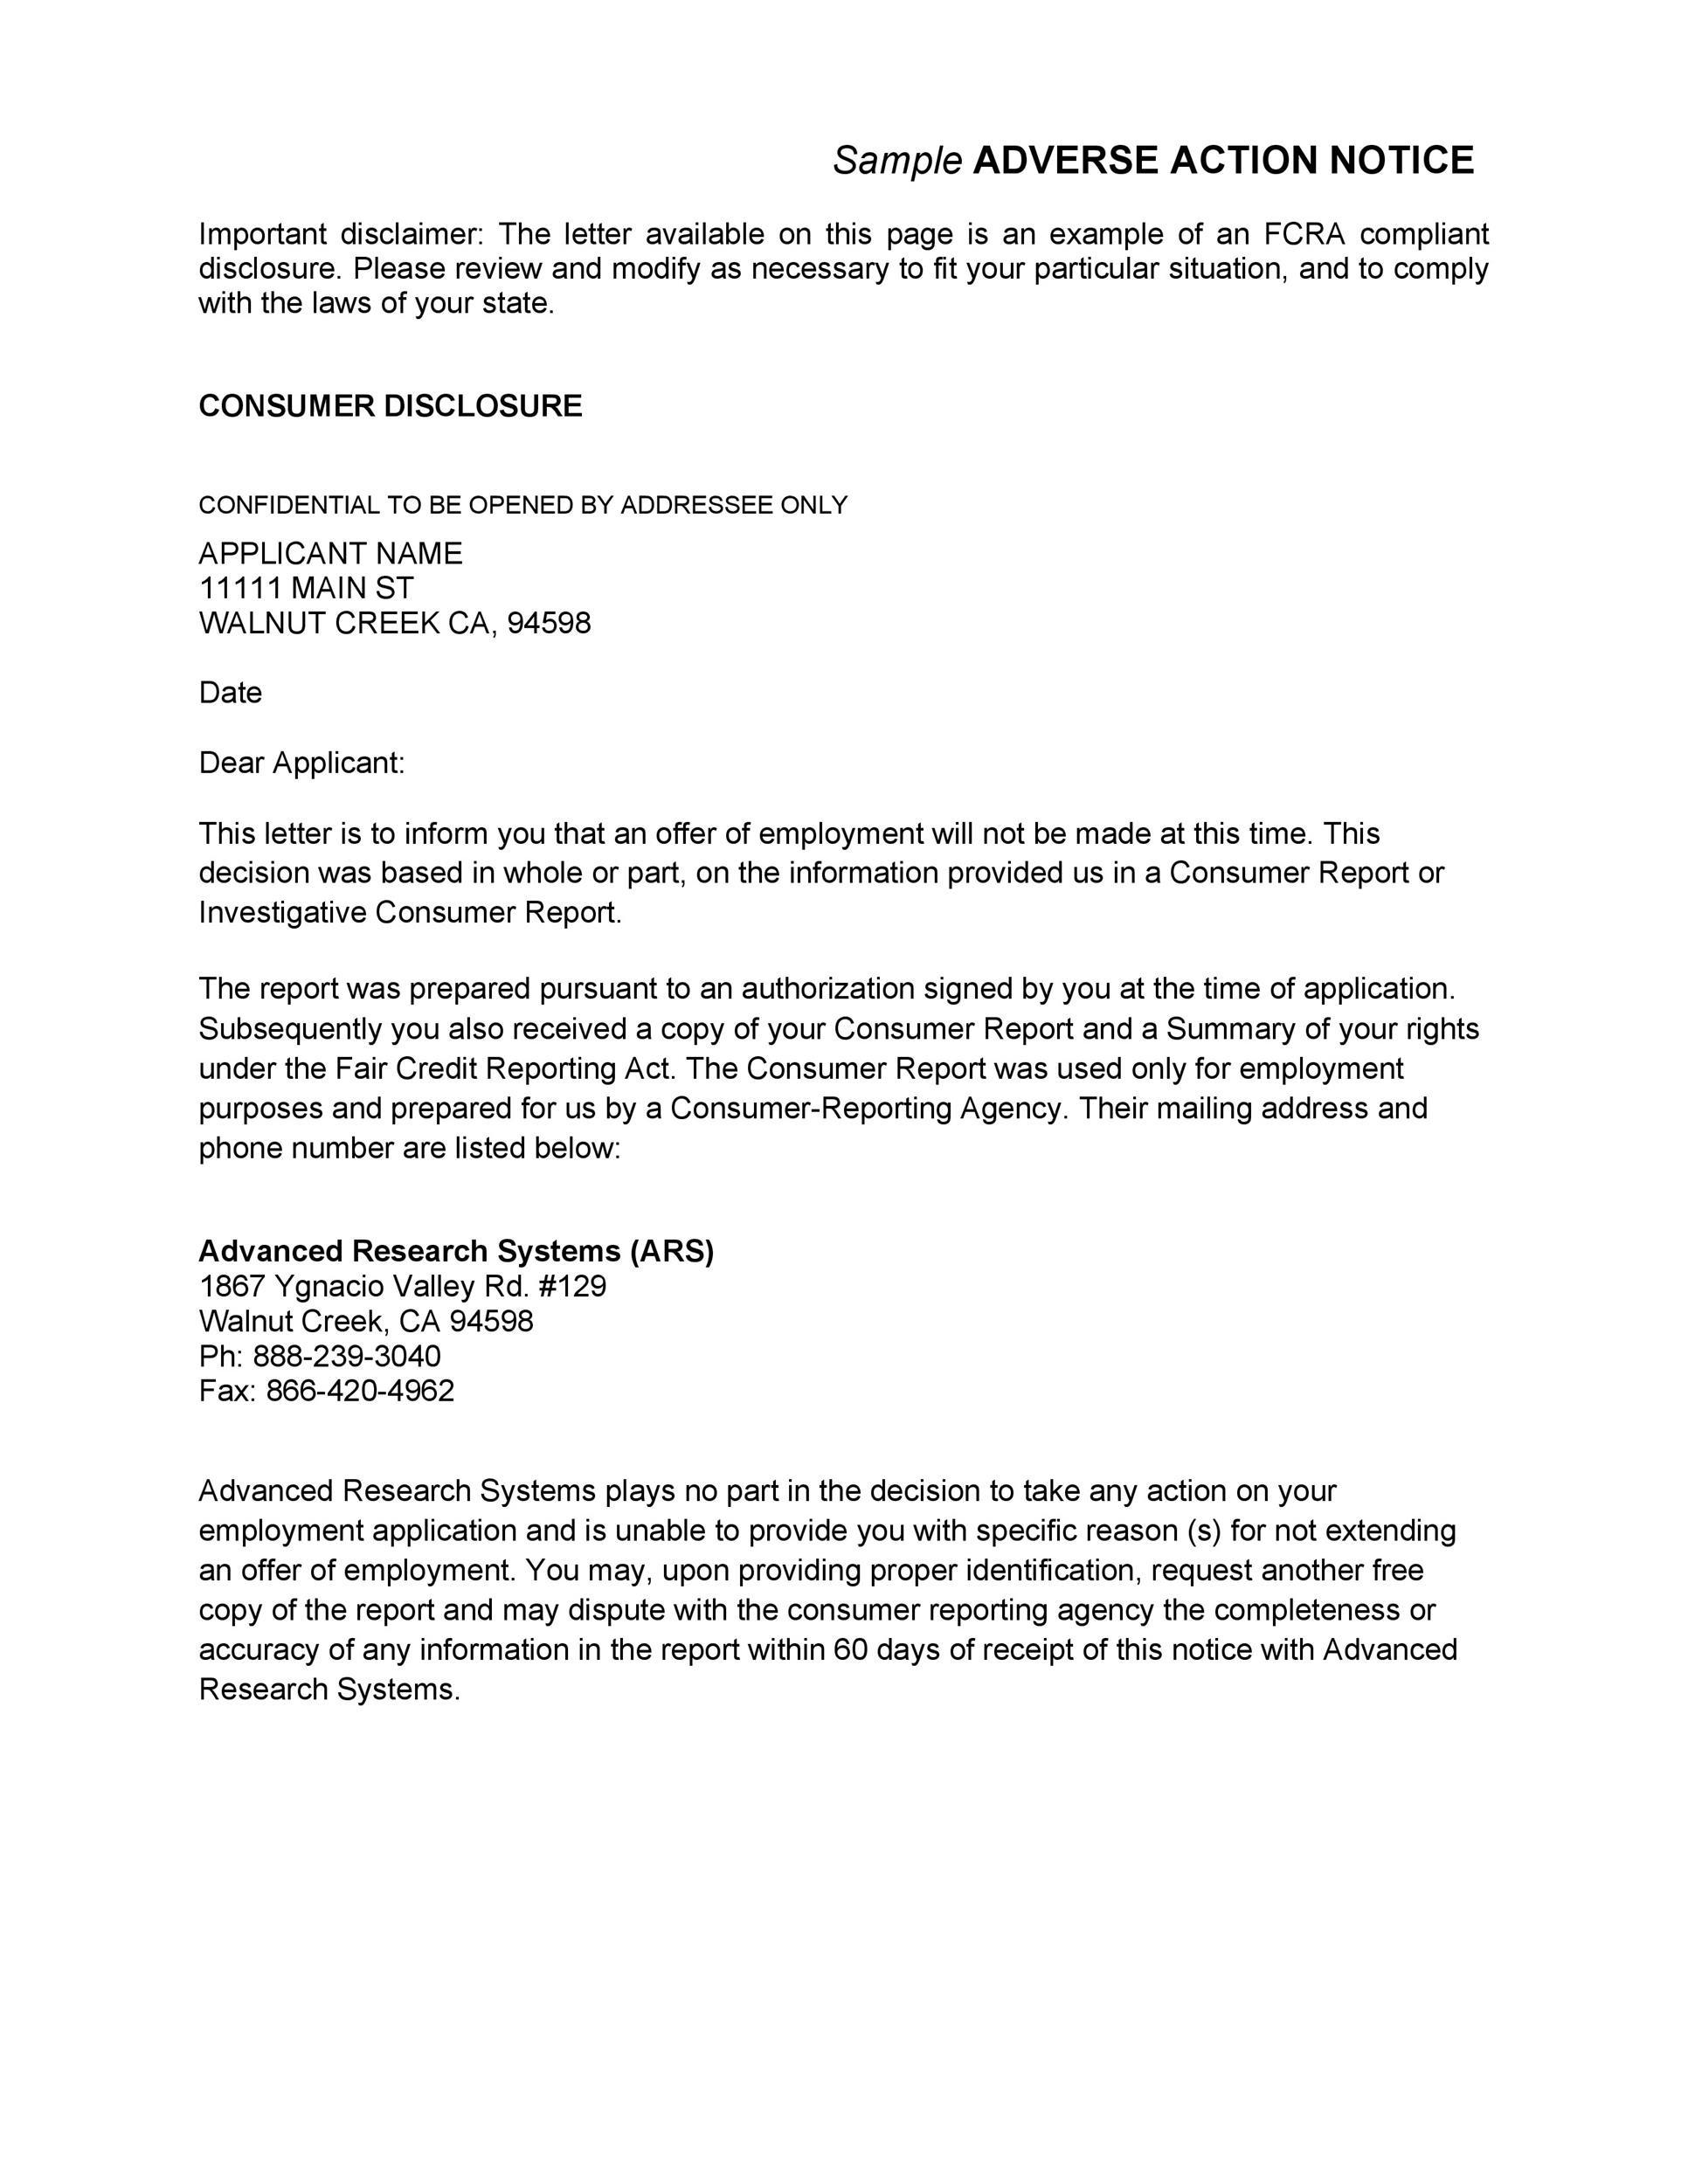 Free adverse action notice 44